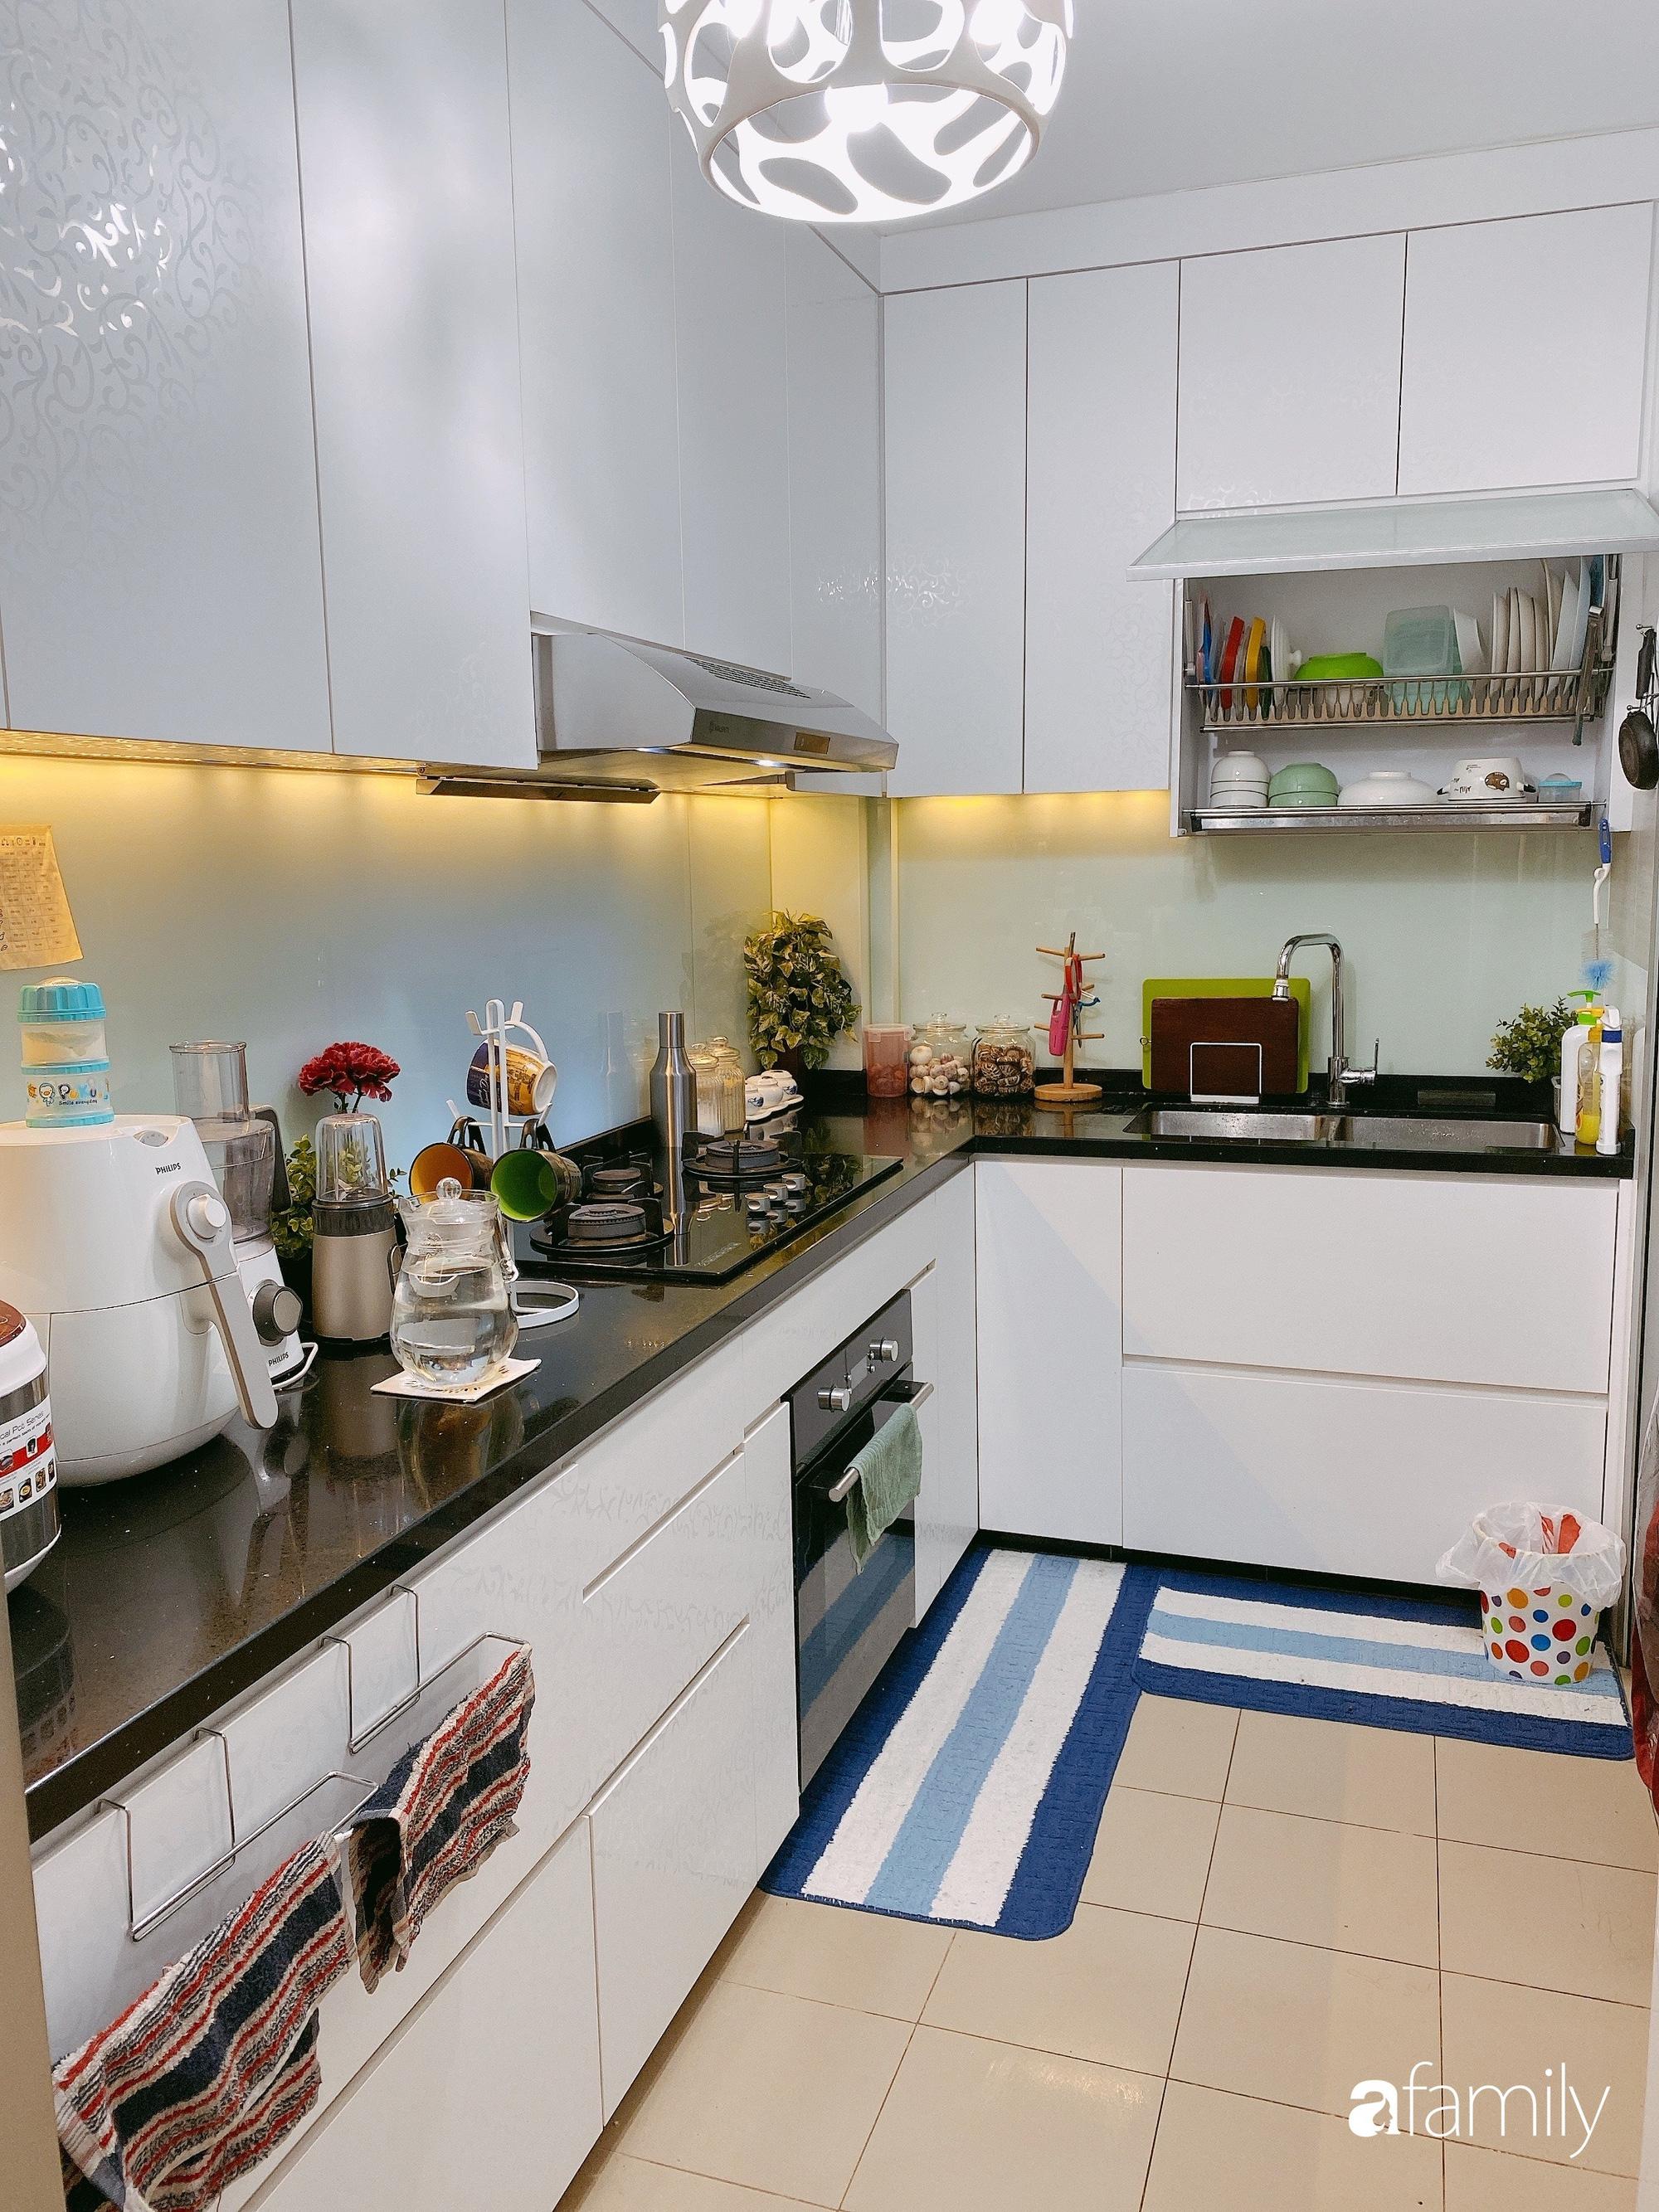 Căn hộ 92m2 góc nào cũng ấm cúng, sạch đẹp nhờ nguyên tắc bài trí gọn gàng của mẹ Việt ở Singapore - Ảnh 8.